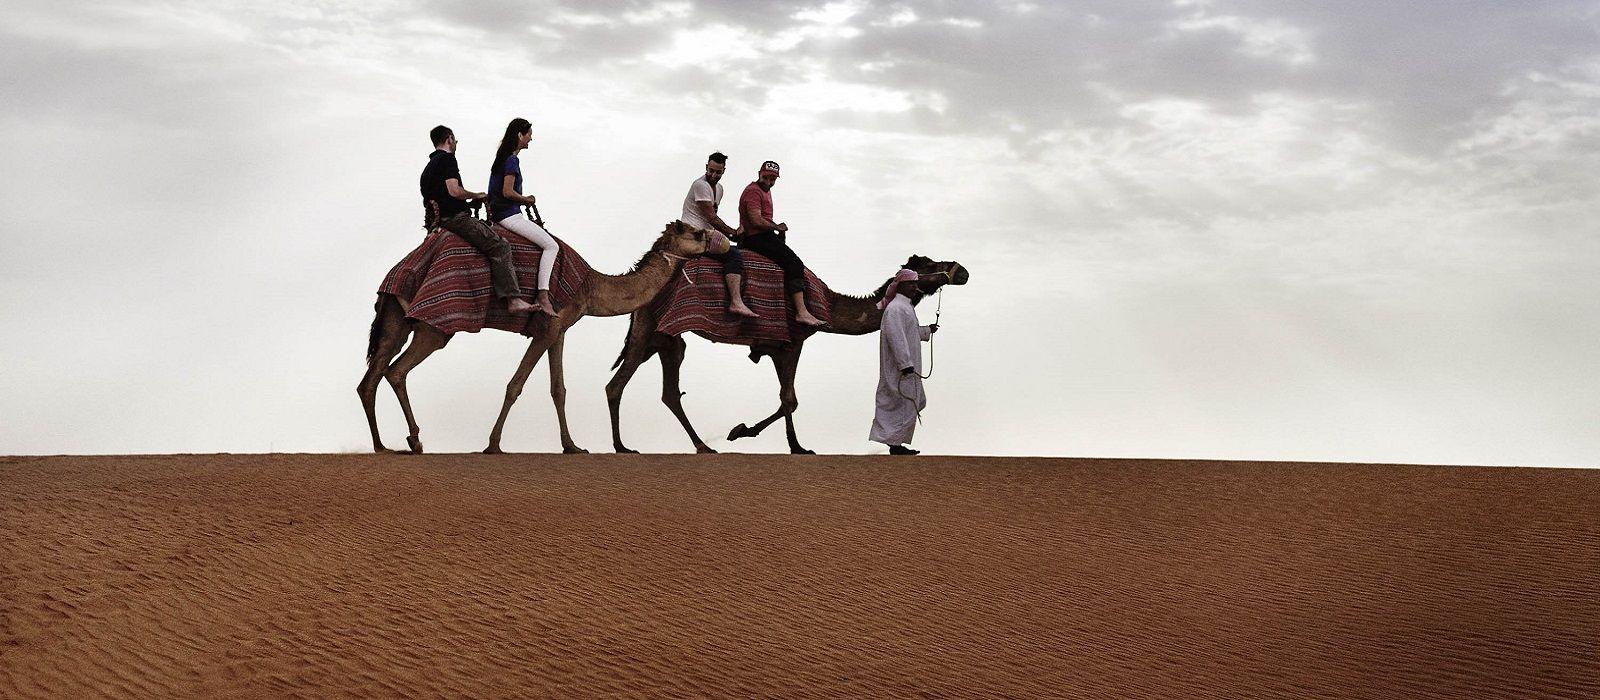 Surreal Sands: Dubai & Maldives Tour Trip 4